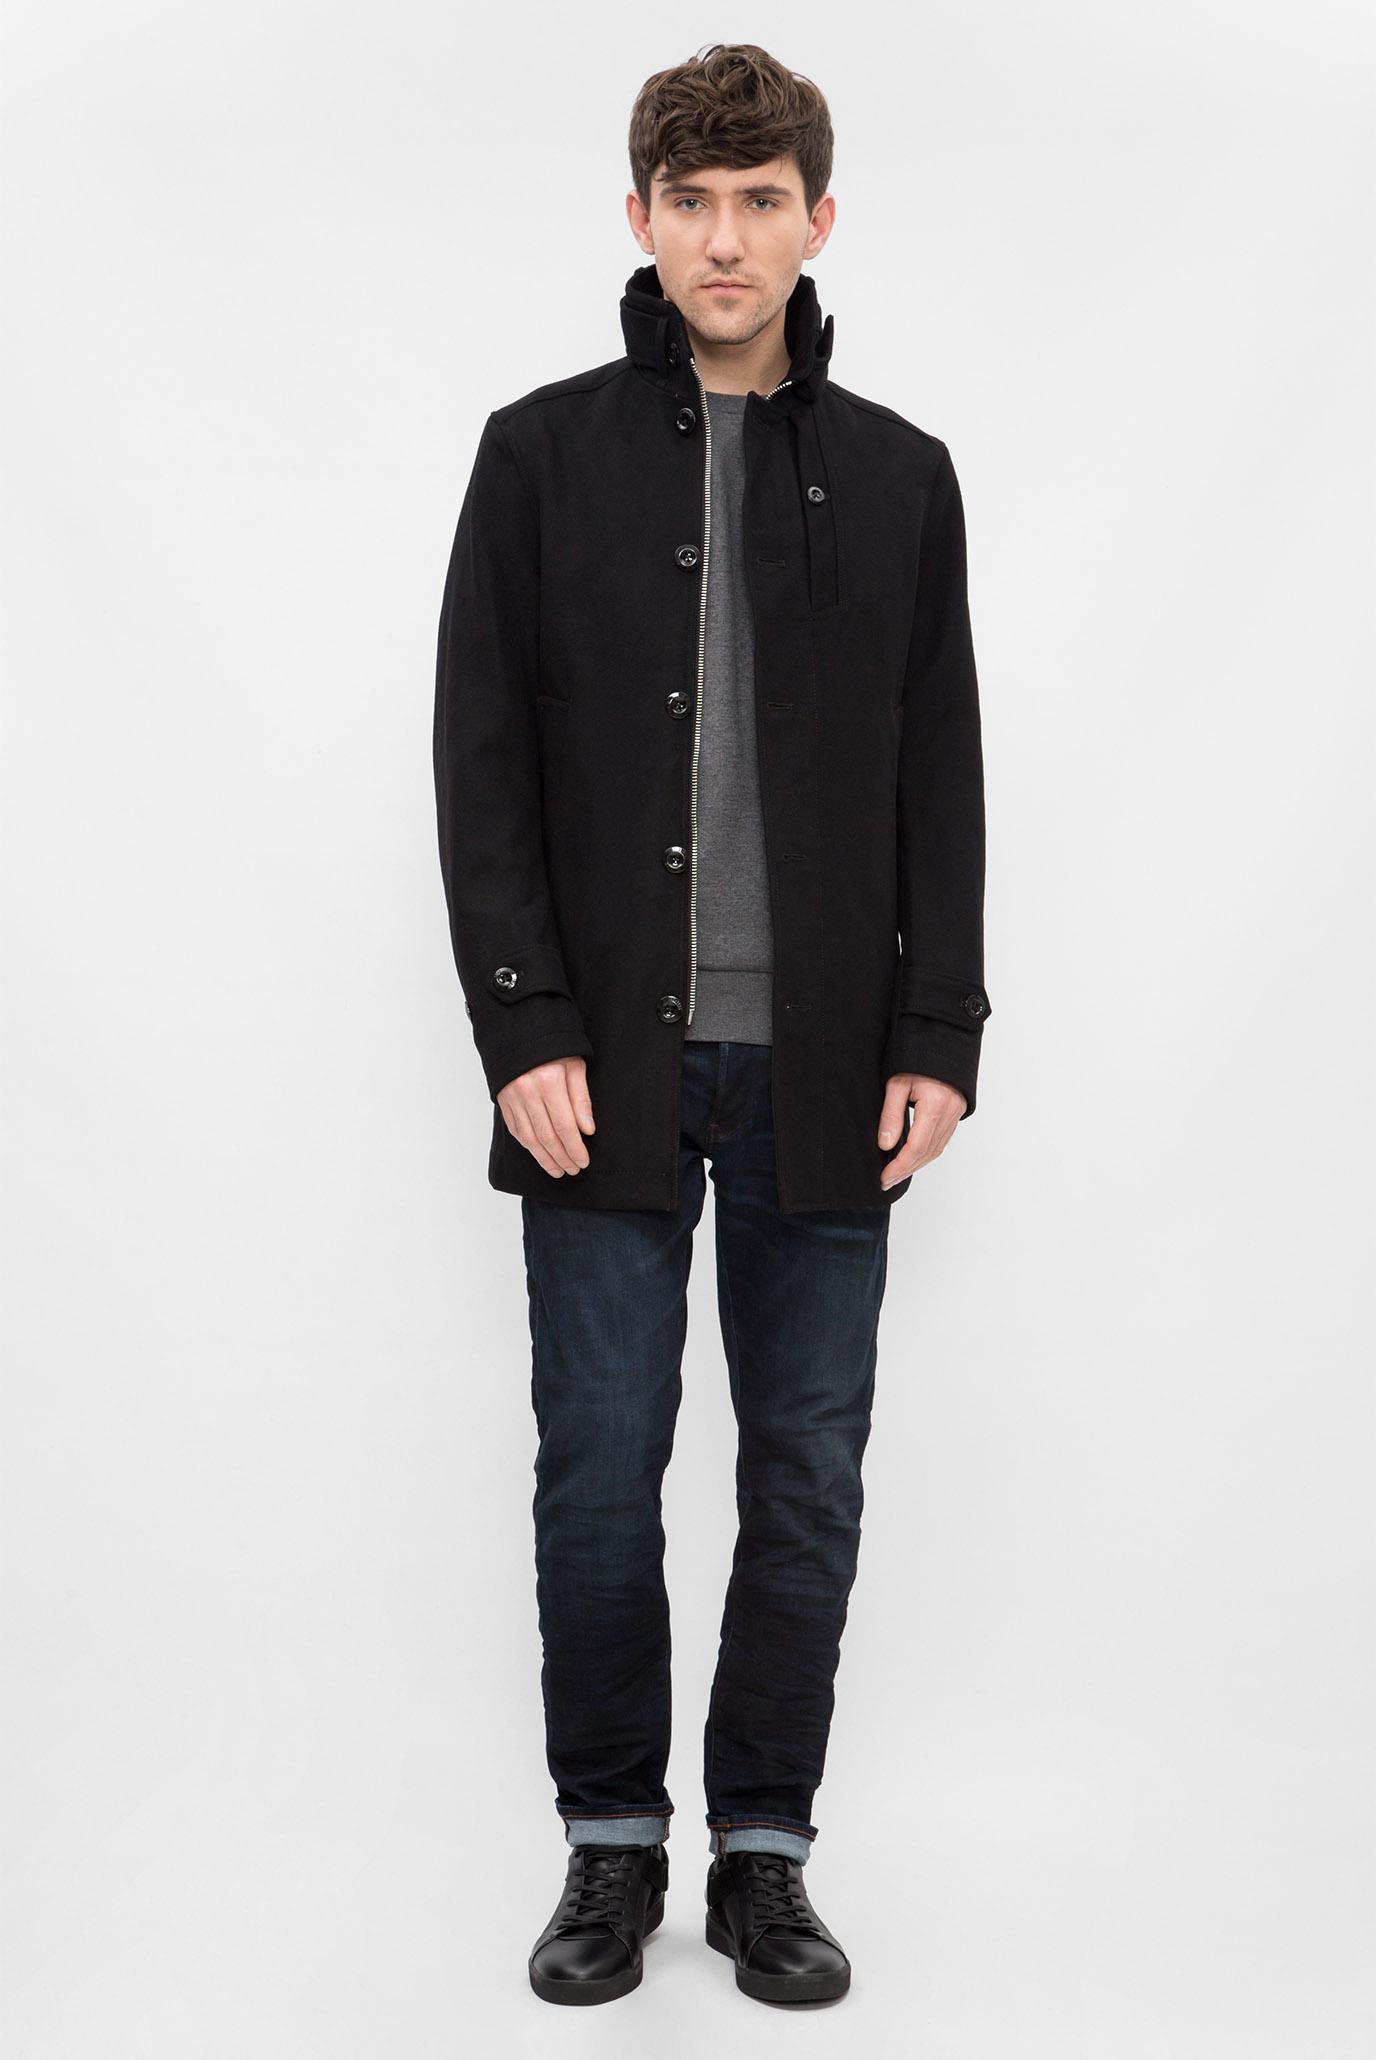 Купить Мужское черное пальто G-Star RAW G-Star RAW D06186,9168 – Киев, Украина. Цены в интернет магазине MD Fashion